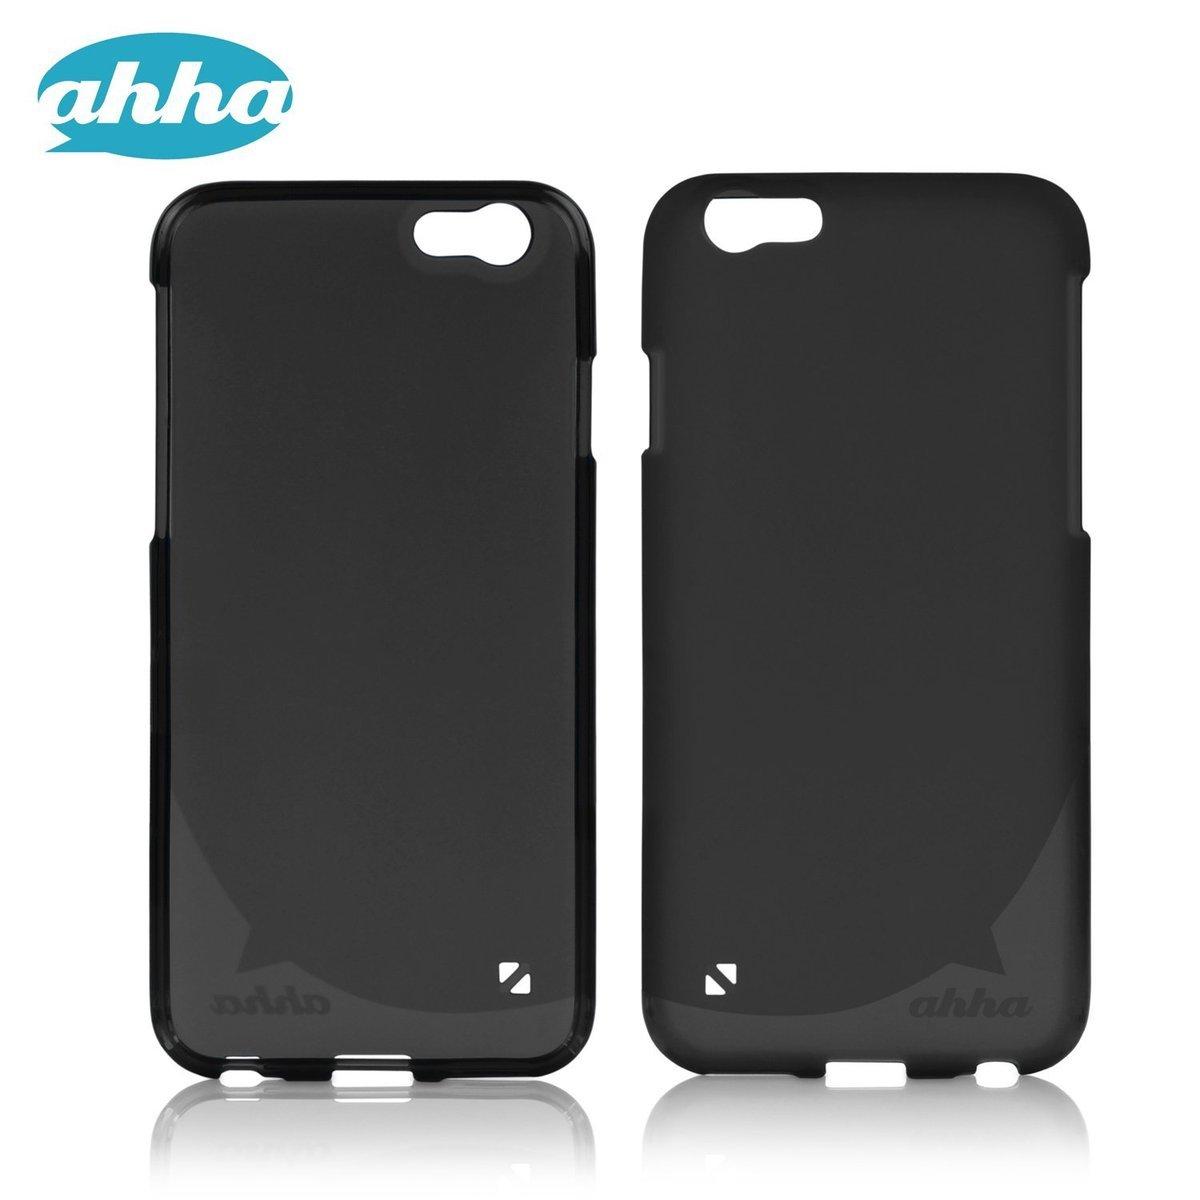 iPhone 6 / 6S 軟膠手機套 - 黑色